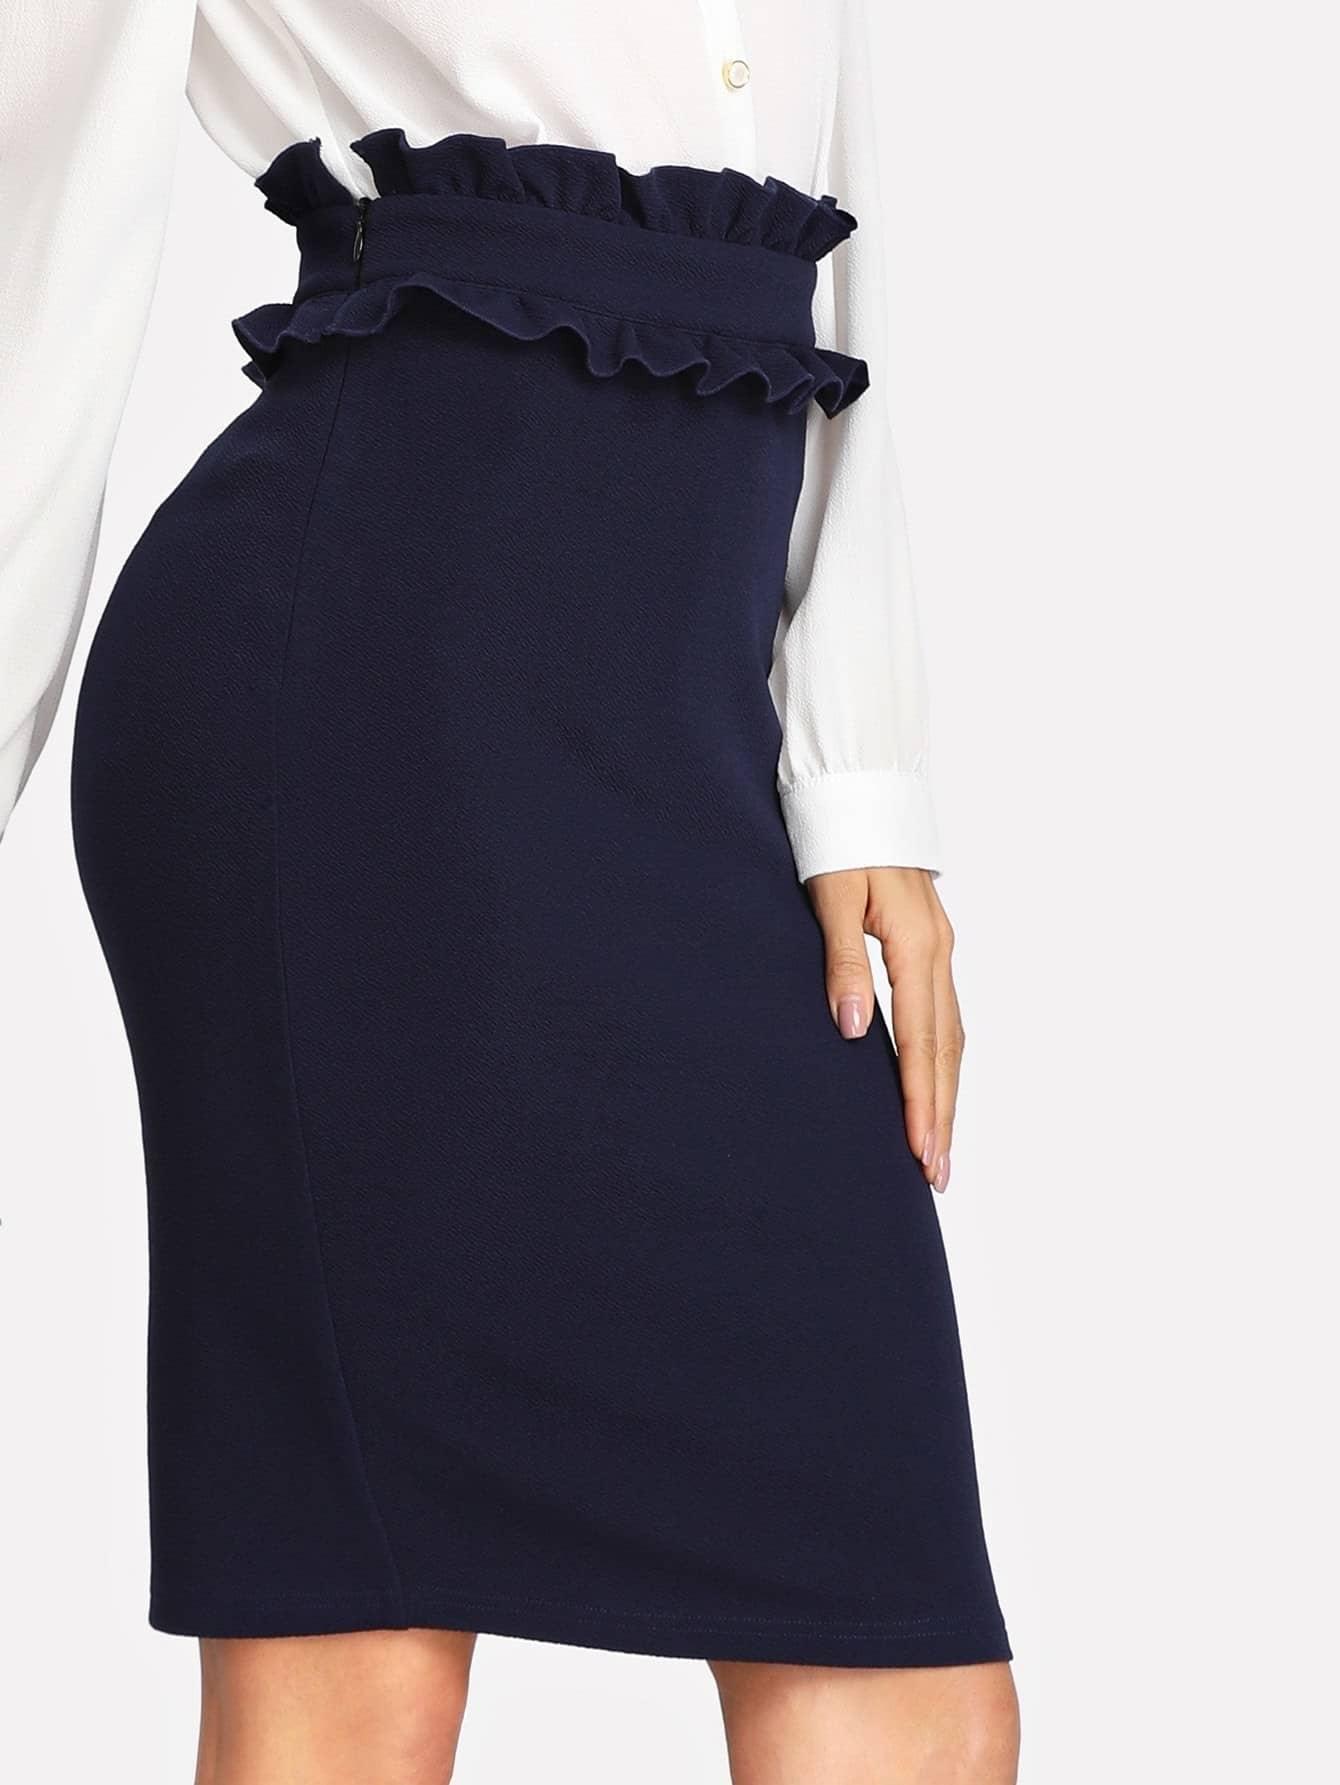 Ruffle Waist Slit Back Pencil Skirt grommet lace up slit back pencil skirt